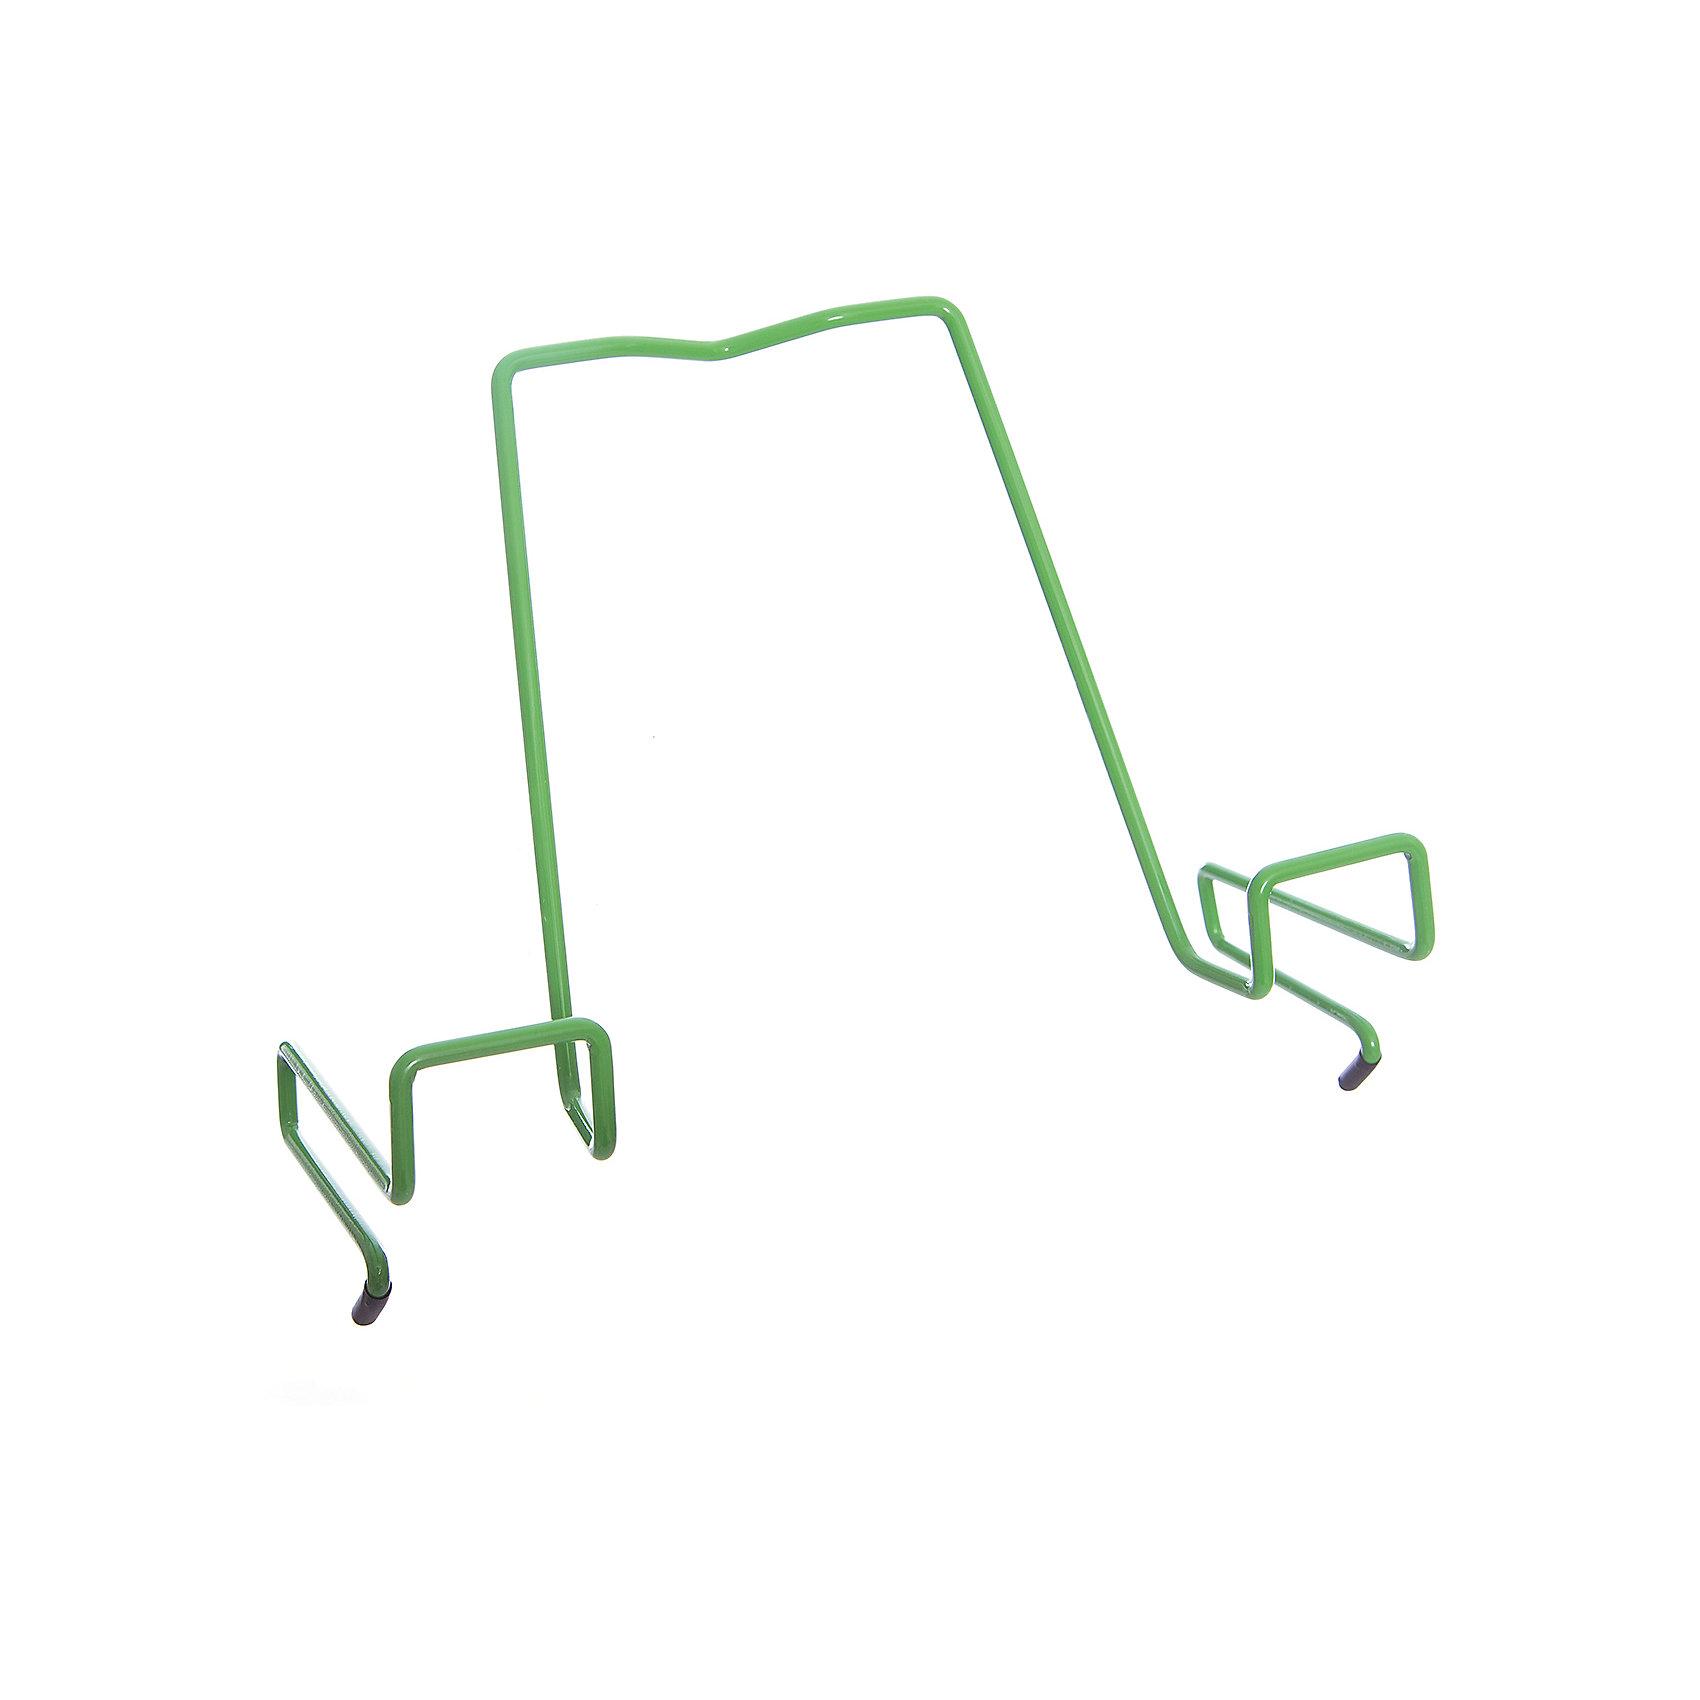 Подставка для книг металлическая ПДК.02, Дэми, зеленыйПодставка для книг металлическая ПДК.02, Дэми, зеленый – необходимая вещь для каждого ребенка.<br>Данная модель представляет собой привычную металлическую подставку, знакомую всем с детства. Однако ее отличие в том, что подставка надежно крепится к столу Дэми. Это позволяет ребенку не волноваться о том, что она может упасть. У подставки удобный угол наклона, но при желании ее можно отрегулировать. <br><br>Дополнительная информация: <br><br>Размер: 330x202x55 мм<br>Вес: 100 гр<br>Материал: металл<br>Цвет: зеленый<br><br>Подставку для книг металлическую ПДК.02, Дэми, зеленую можно купить в нашем интернет магазине.<br><br>Ширина мм: 500<br>Глубина мм: 390<br>Высота мм: 30<br>Вес г: 100<br>Возраст от месяцев: 48<br>Возраст до месяцев: 216<br>Пол: Унисекс<br>Возраст: Детский<br>SKU: 4919240